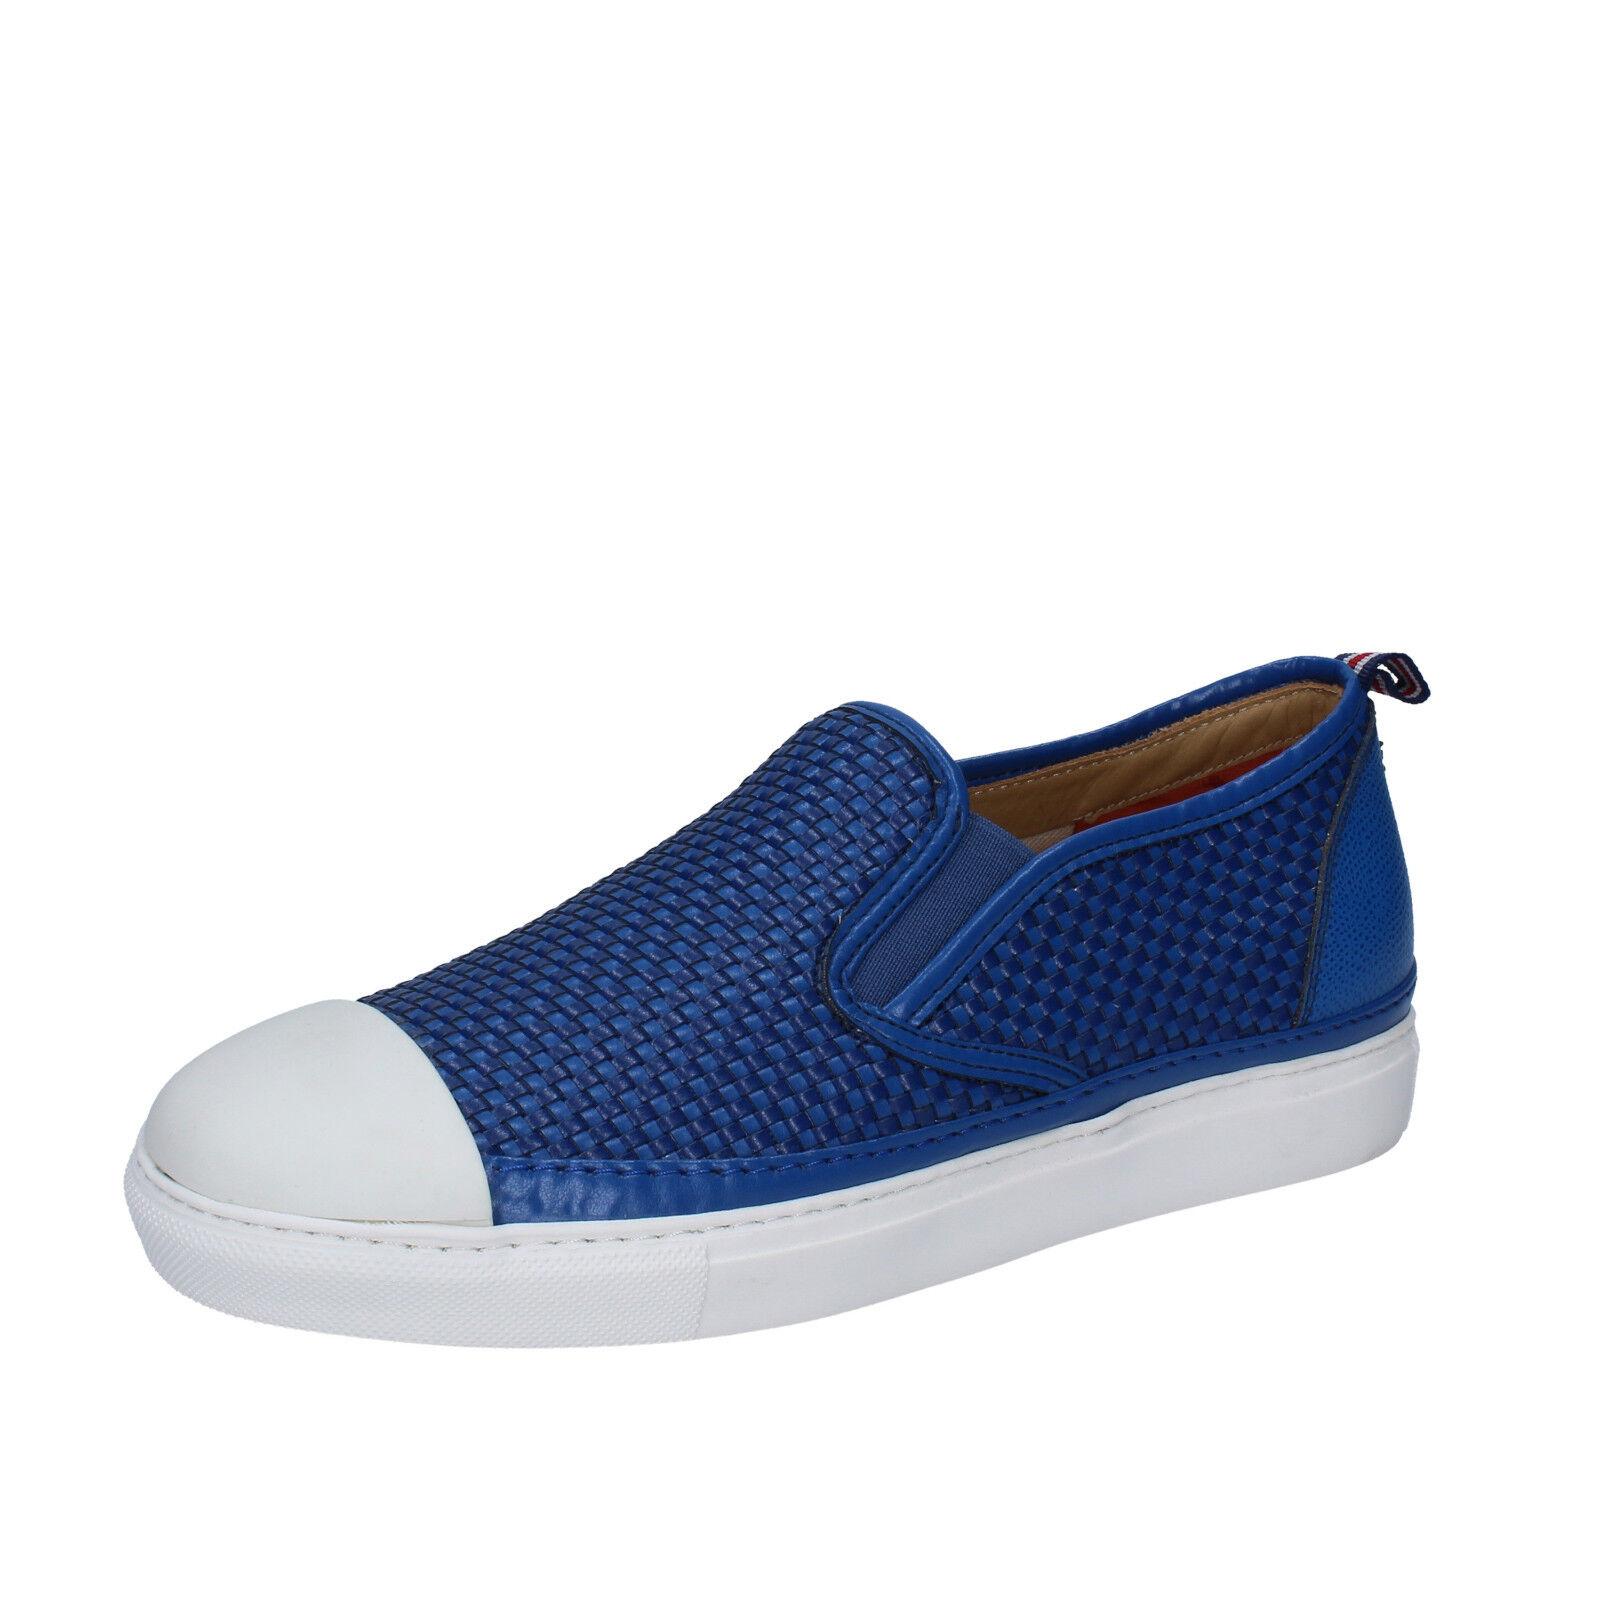 men's shoes BRIMARTS 8 () slip on blue leather BZ283-D